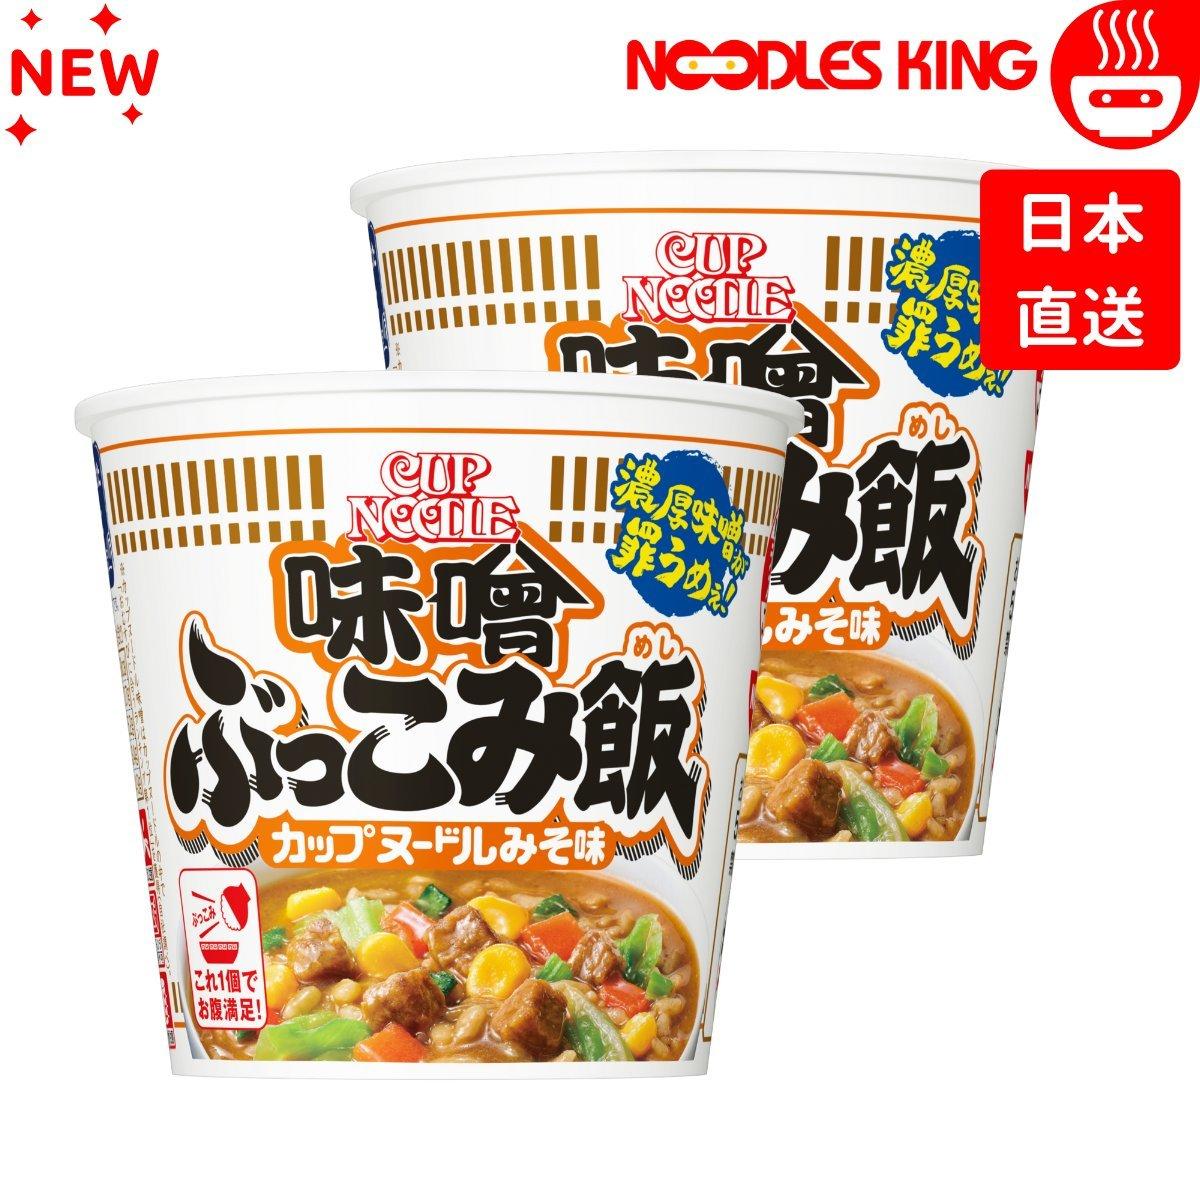 日本雜燴杯飯 - 合味道味噌風味 95g x 2